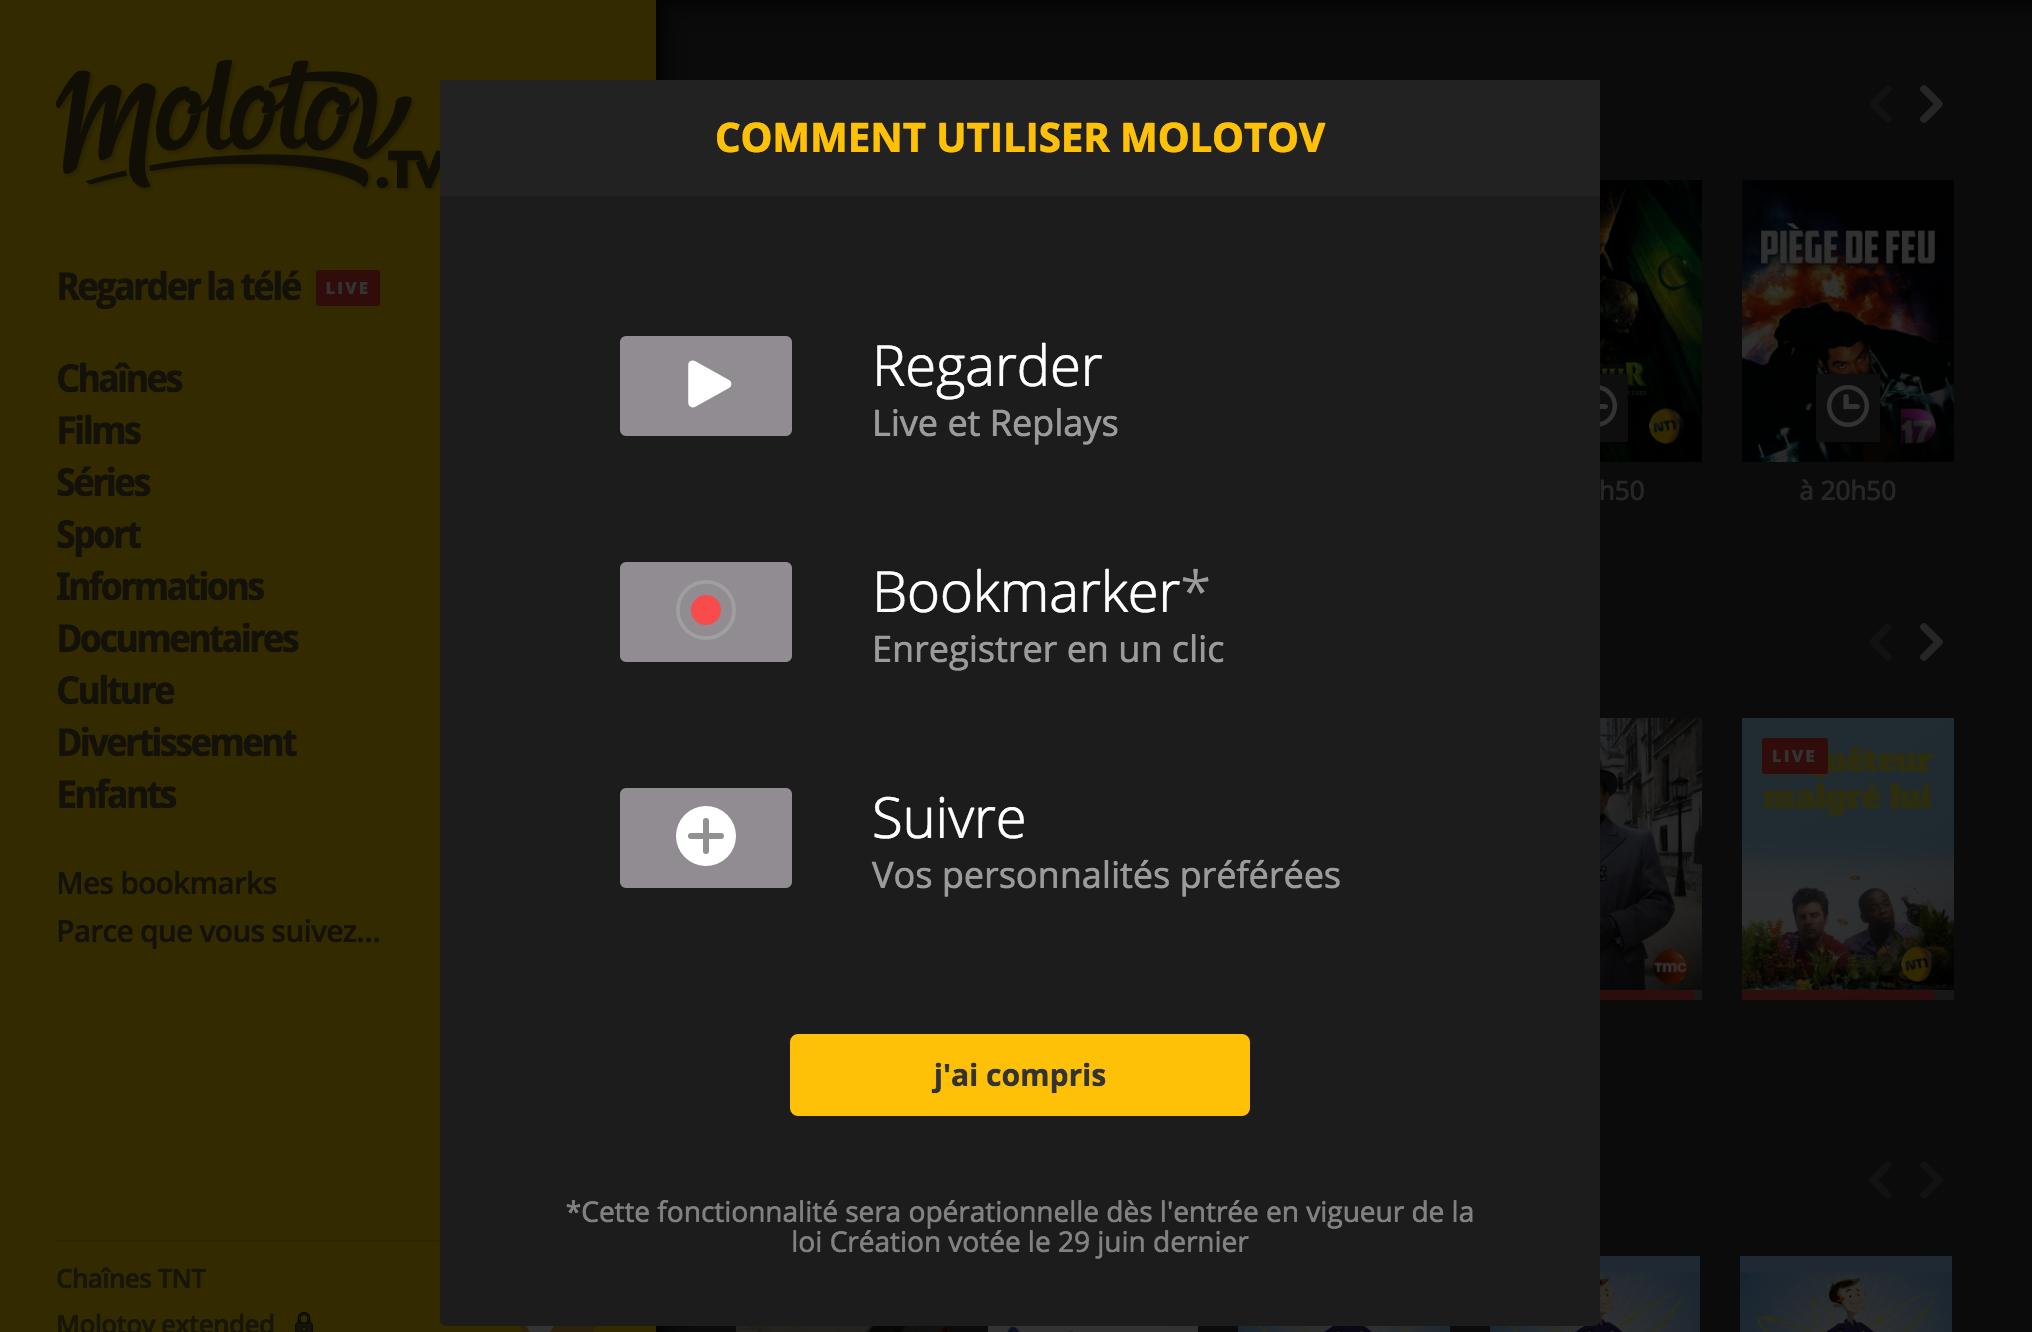 Capture d'écran de l'interface de l'application téléchargée sur Mac.